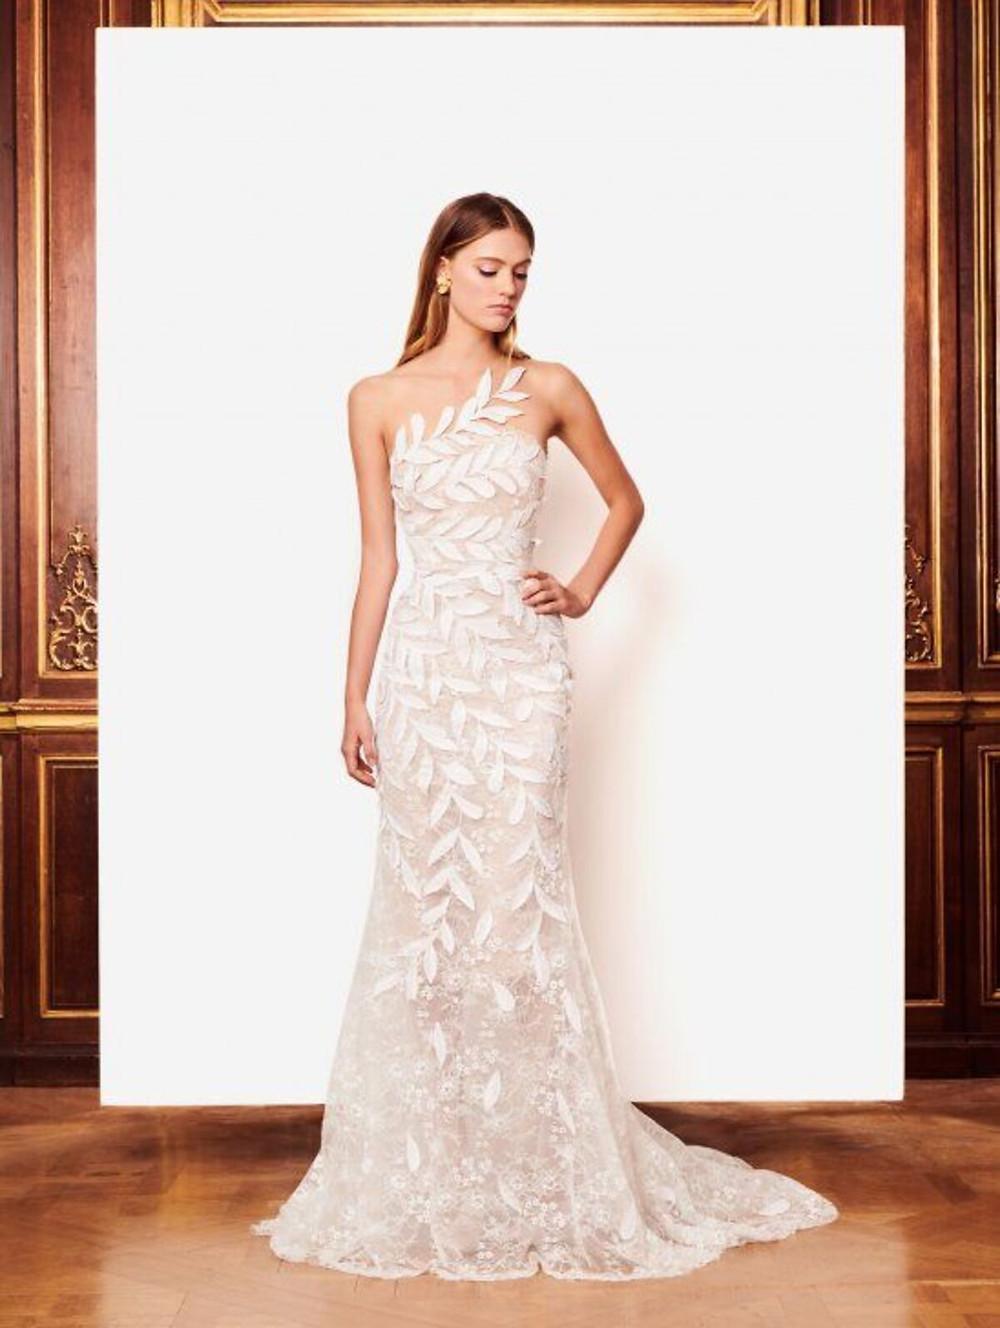 A Oscar de la Renta one shoulder, mermaid wedding dress with leaf print and embellishments